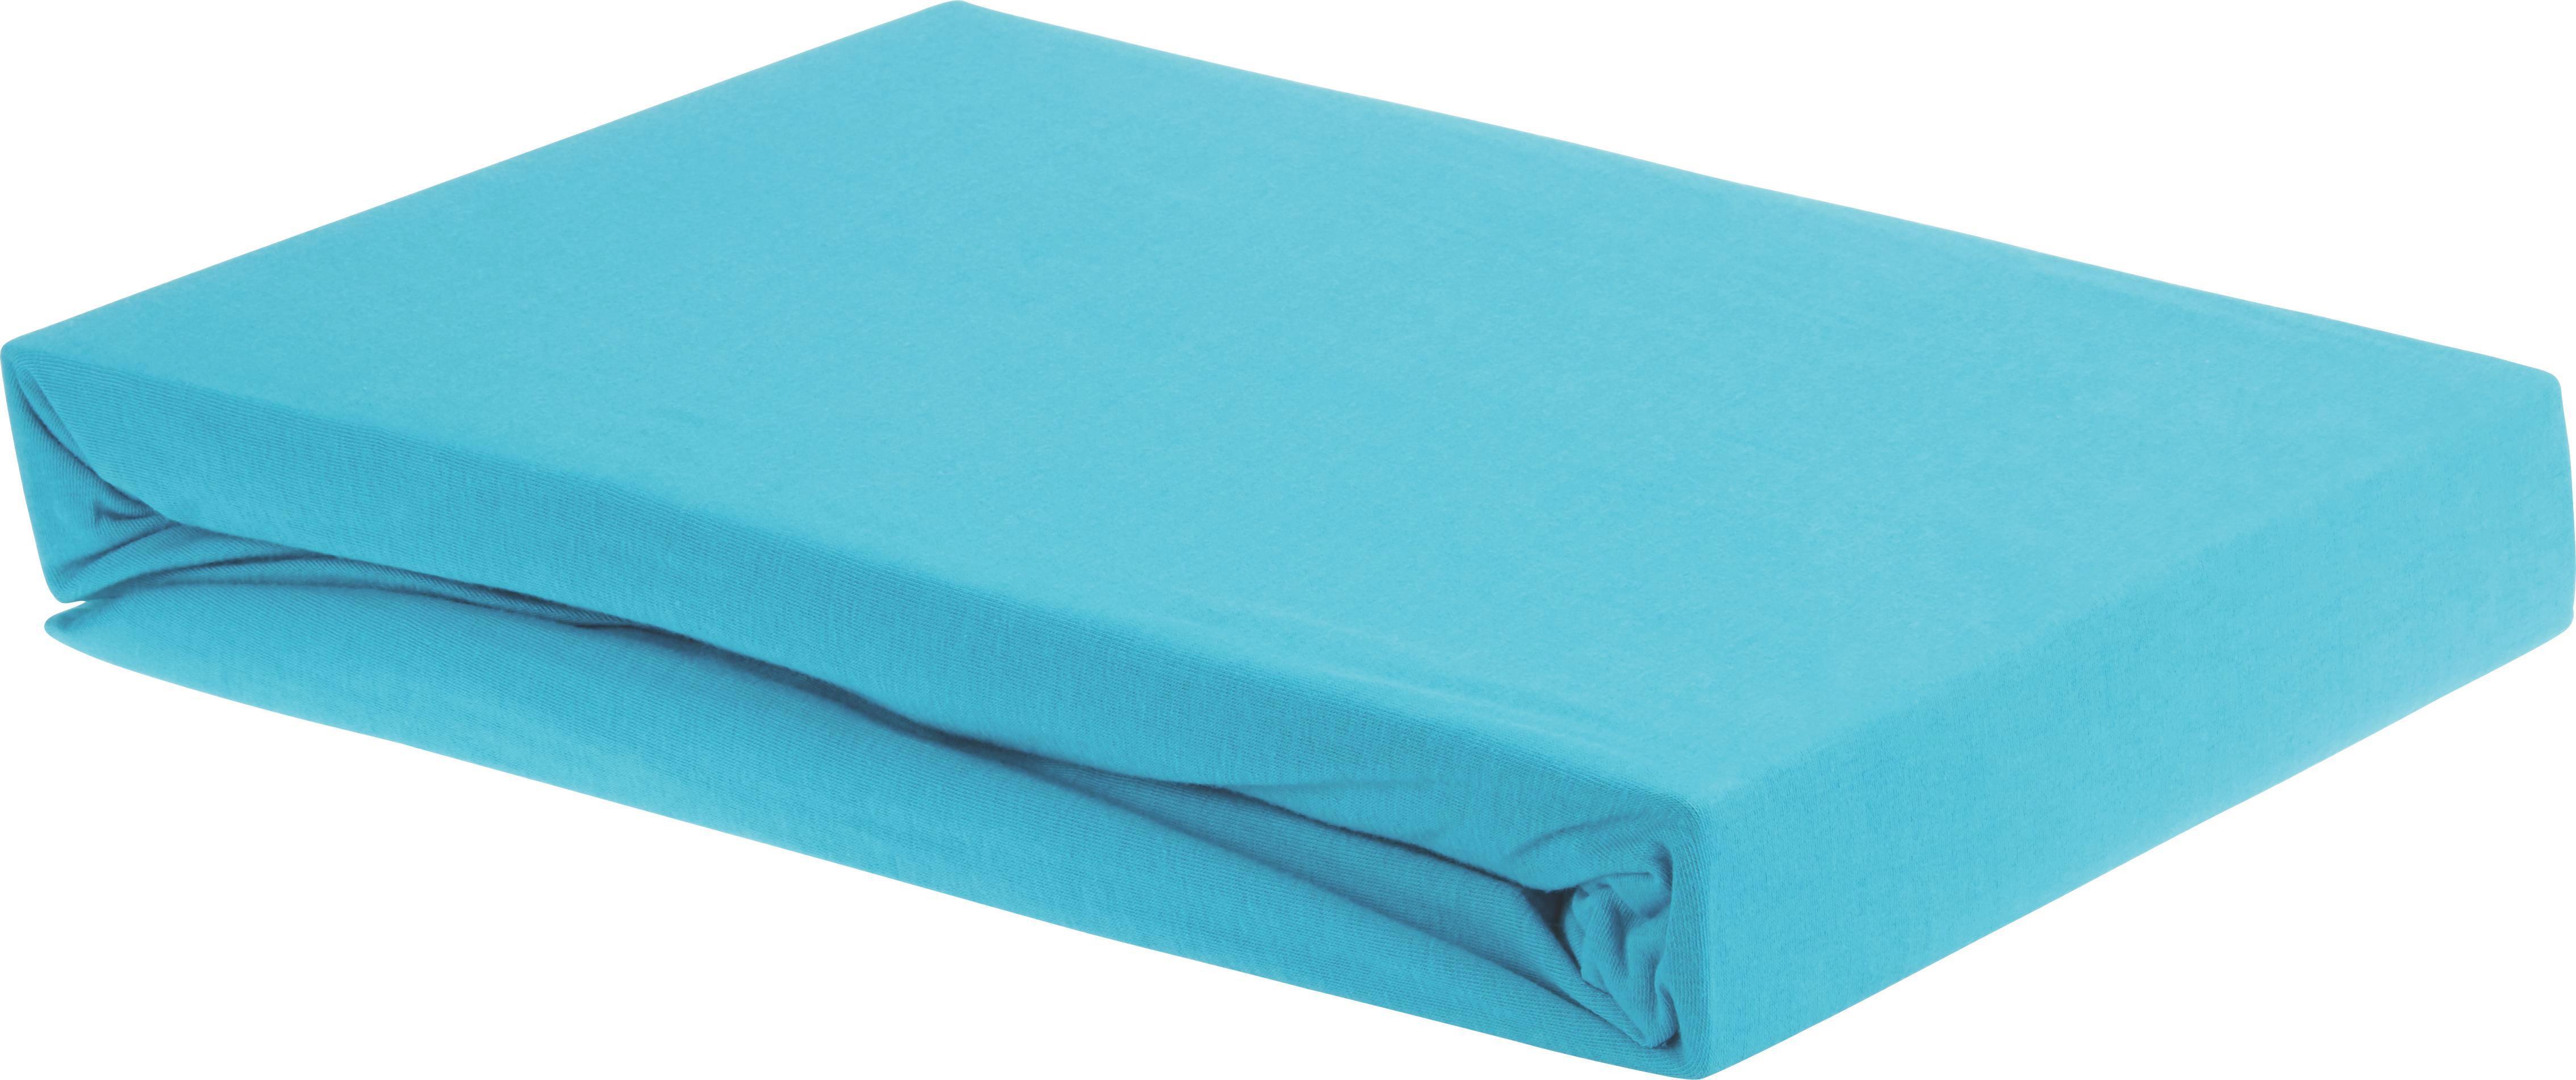 Gumis Lepedő Elasthan - petrol, textil (180/200/28cm) - premium living